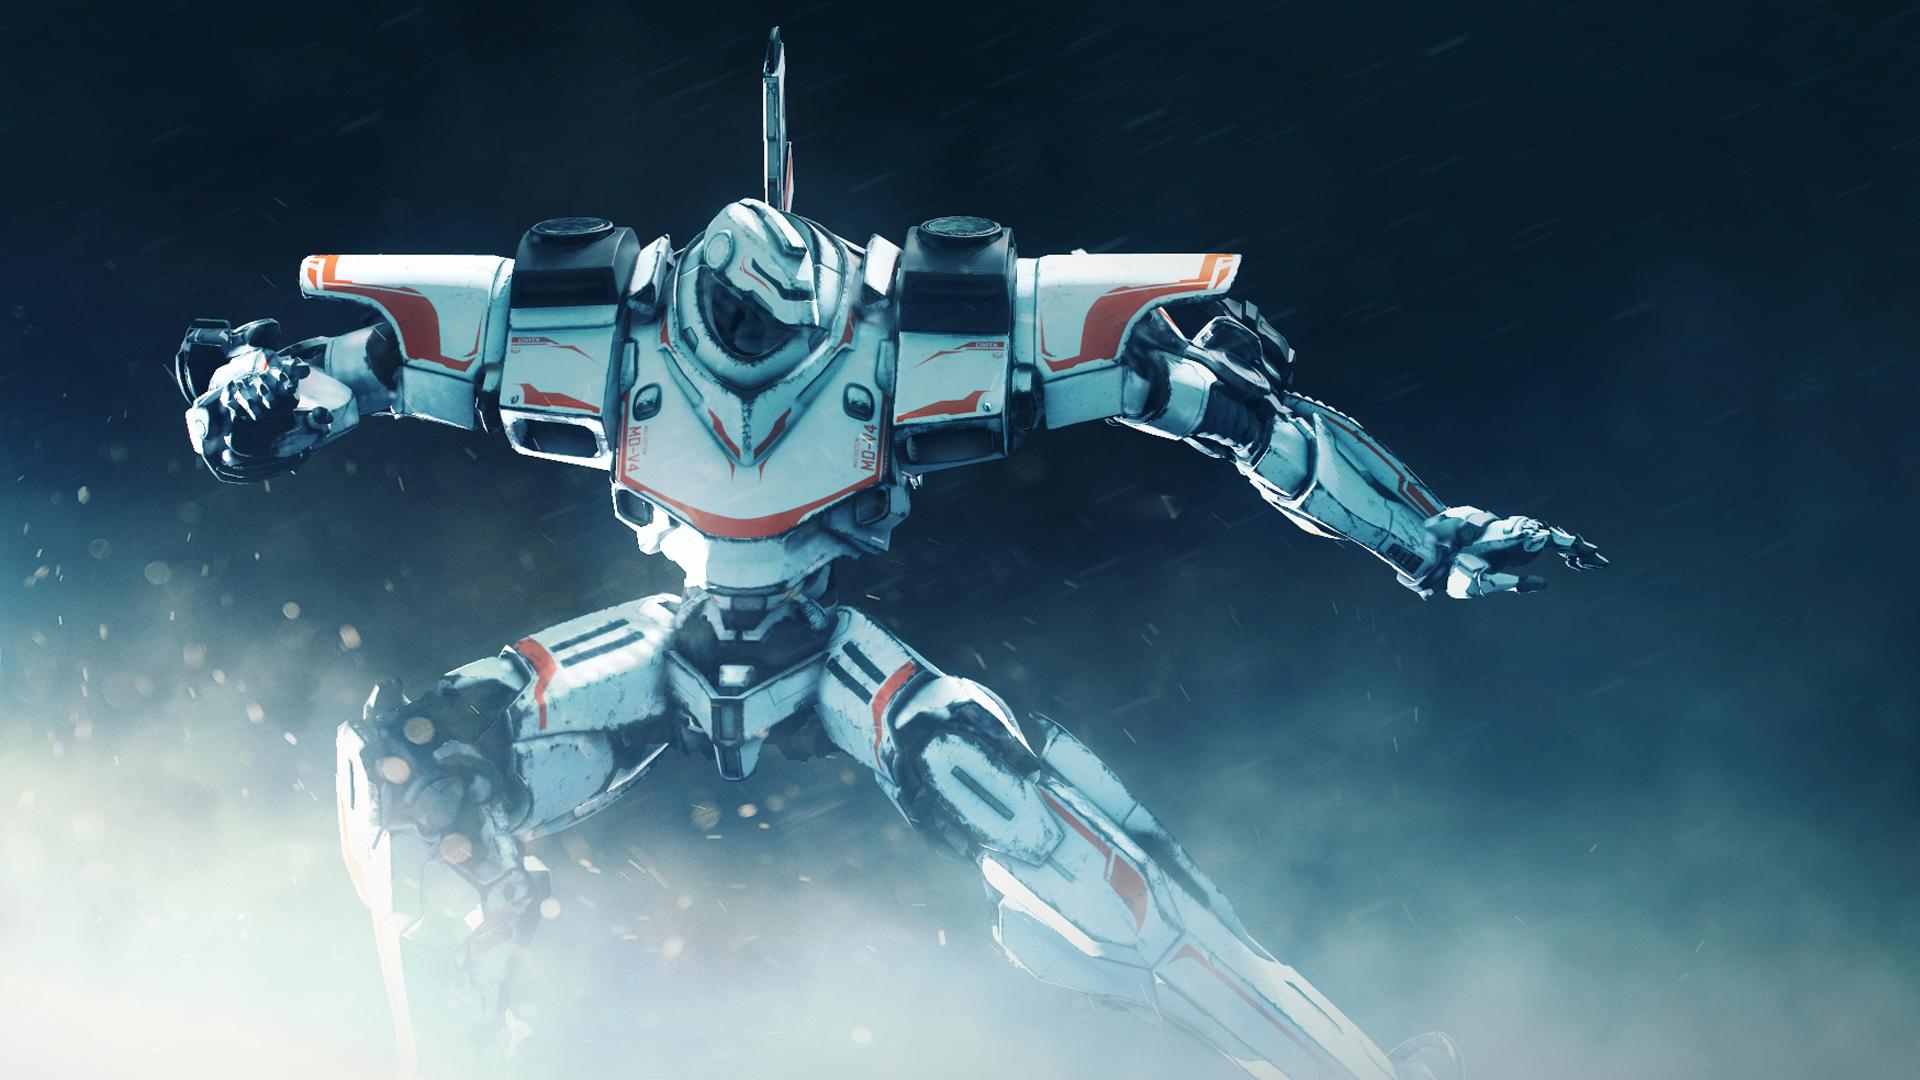 Z-Mech Robot Giant by Tyler G